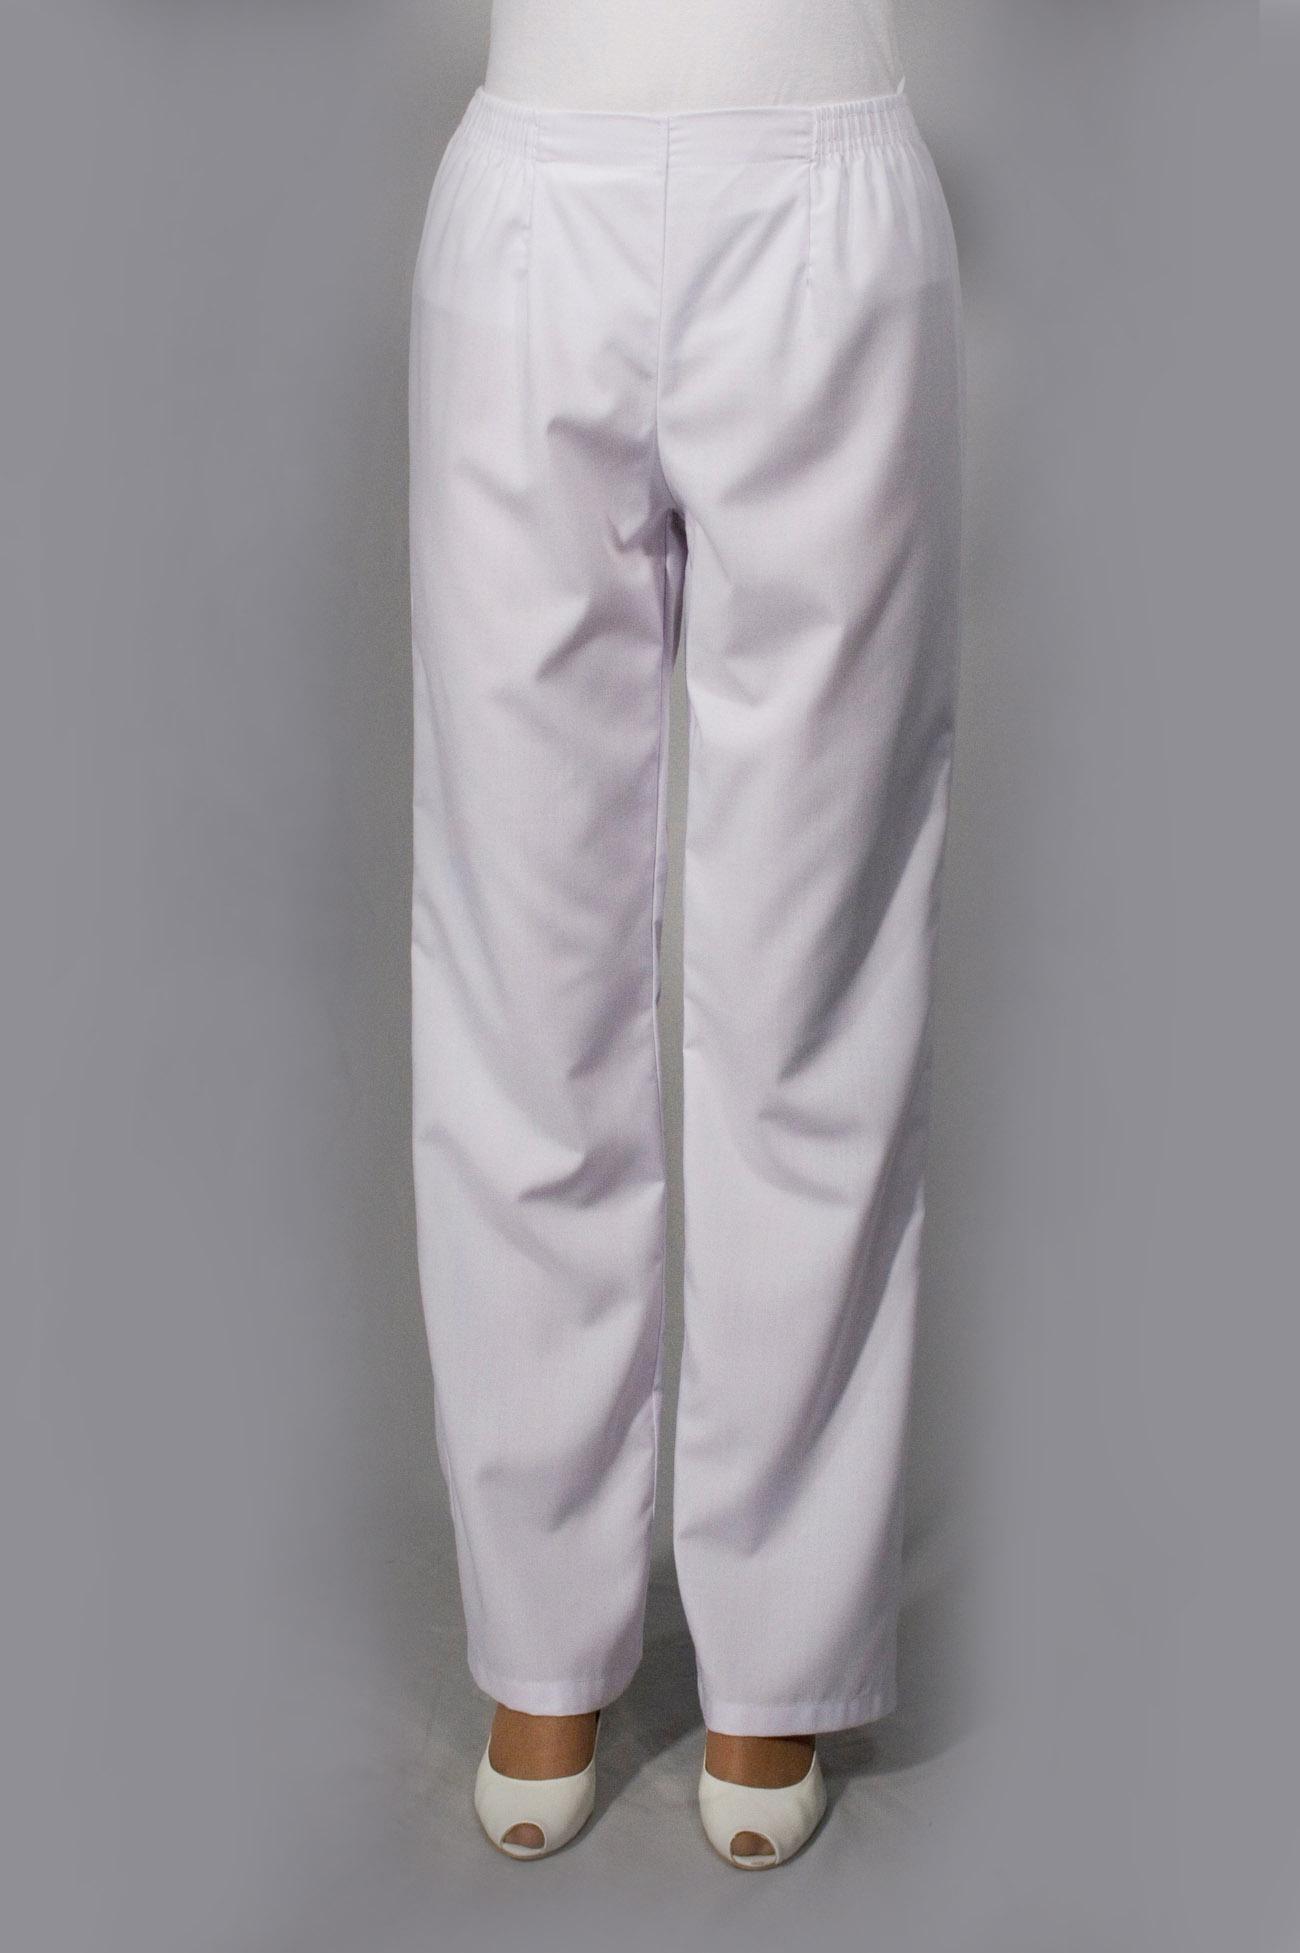 блуза с капюшоном сшить. также 8 класс сшить штаны, gрошить ps3 370 и...